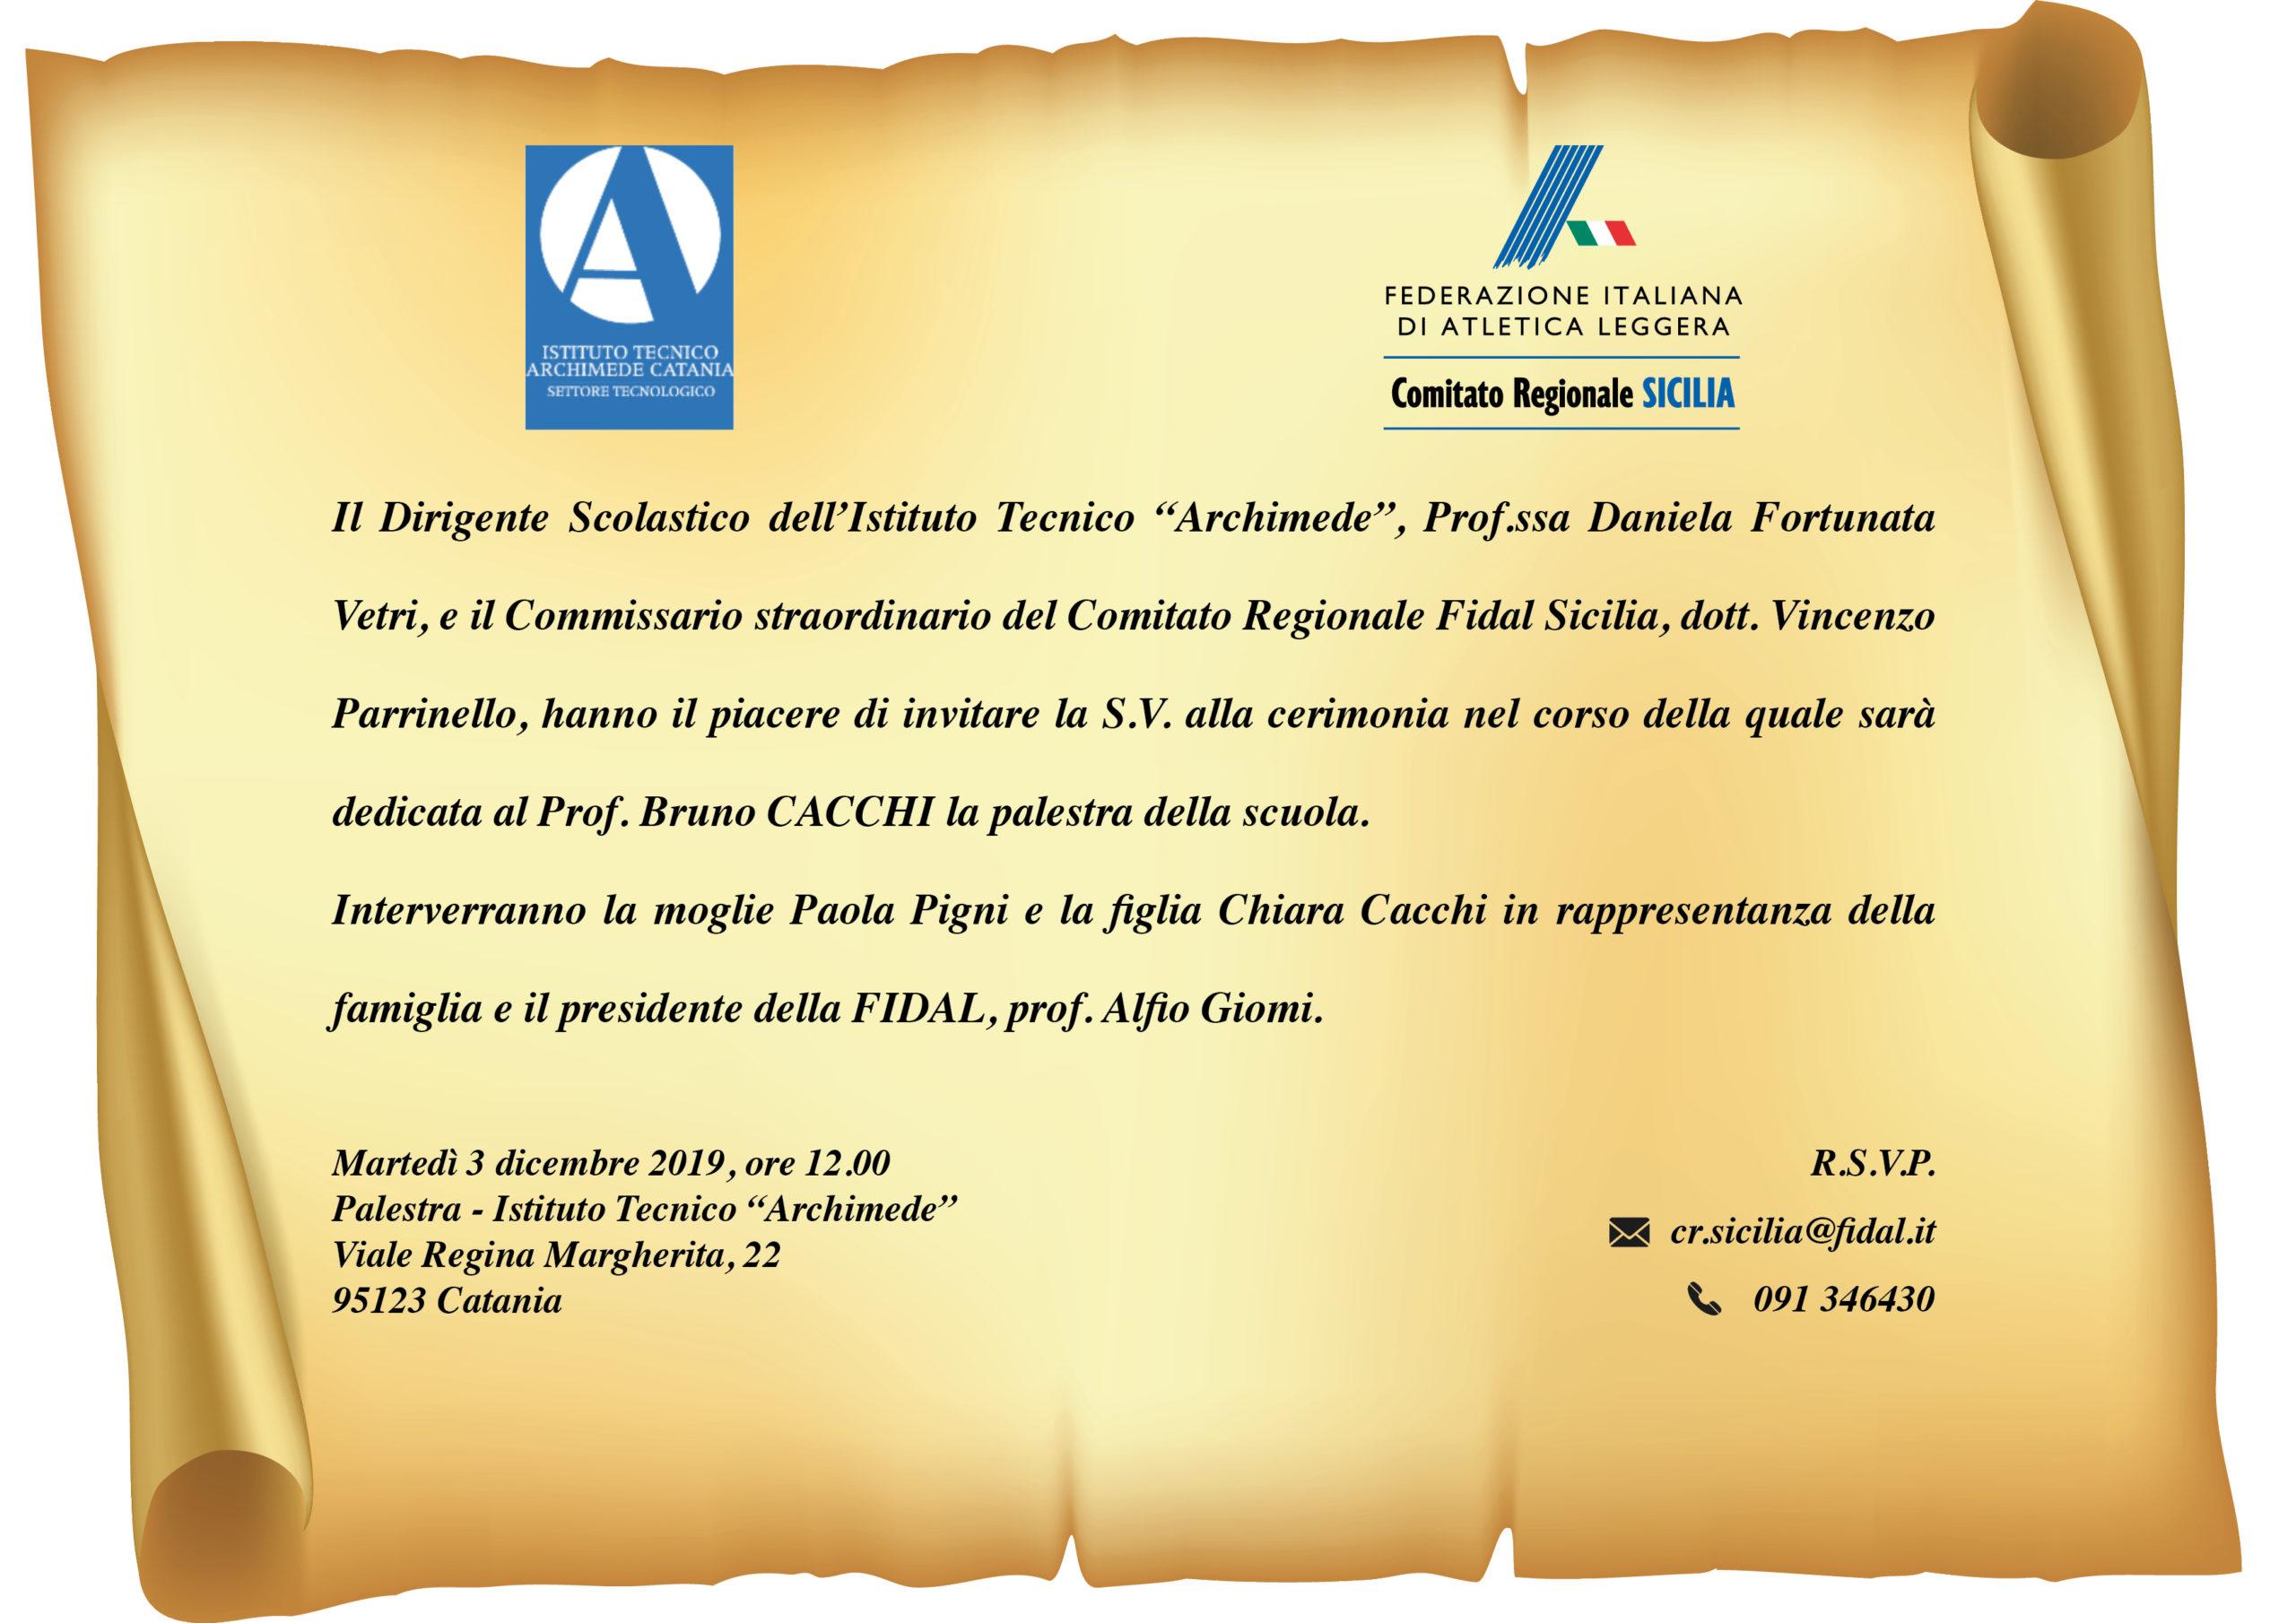 Catania, Dedicata al professor Cacchi la palestra dell'Istituto Archimede di Catania